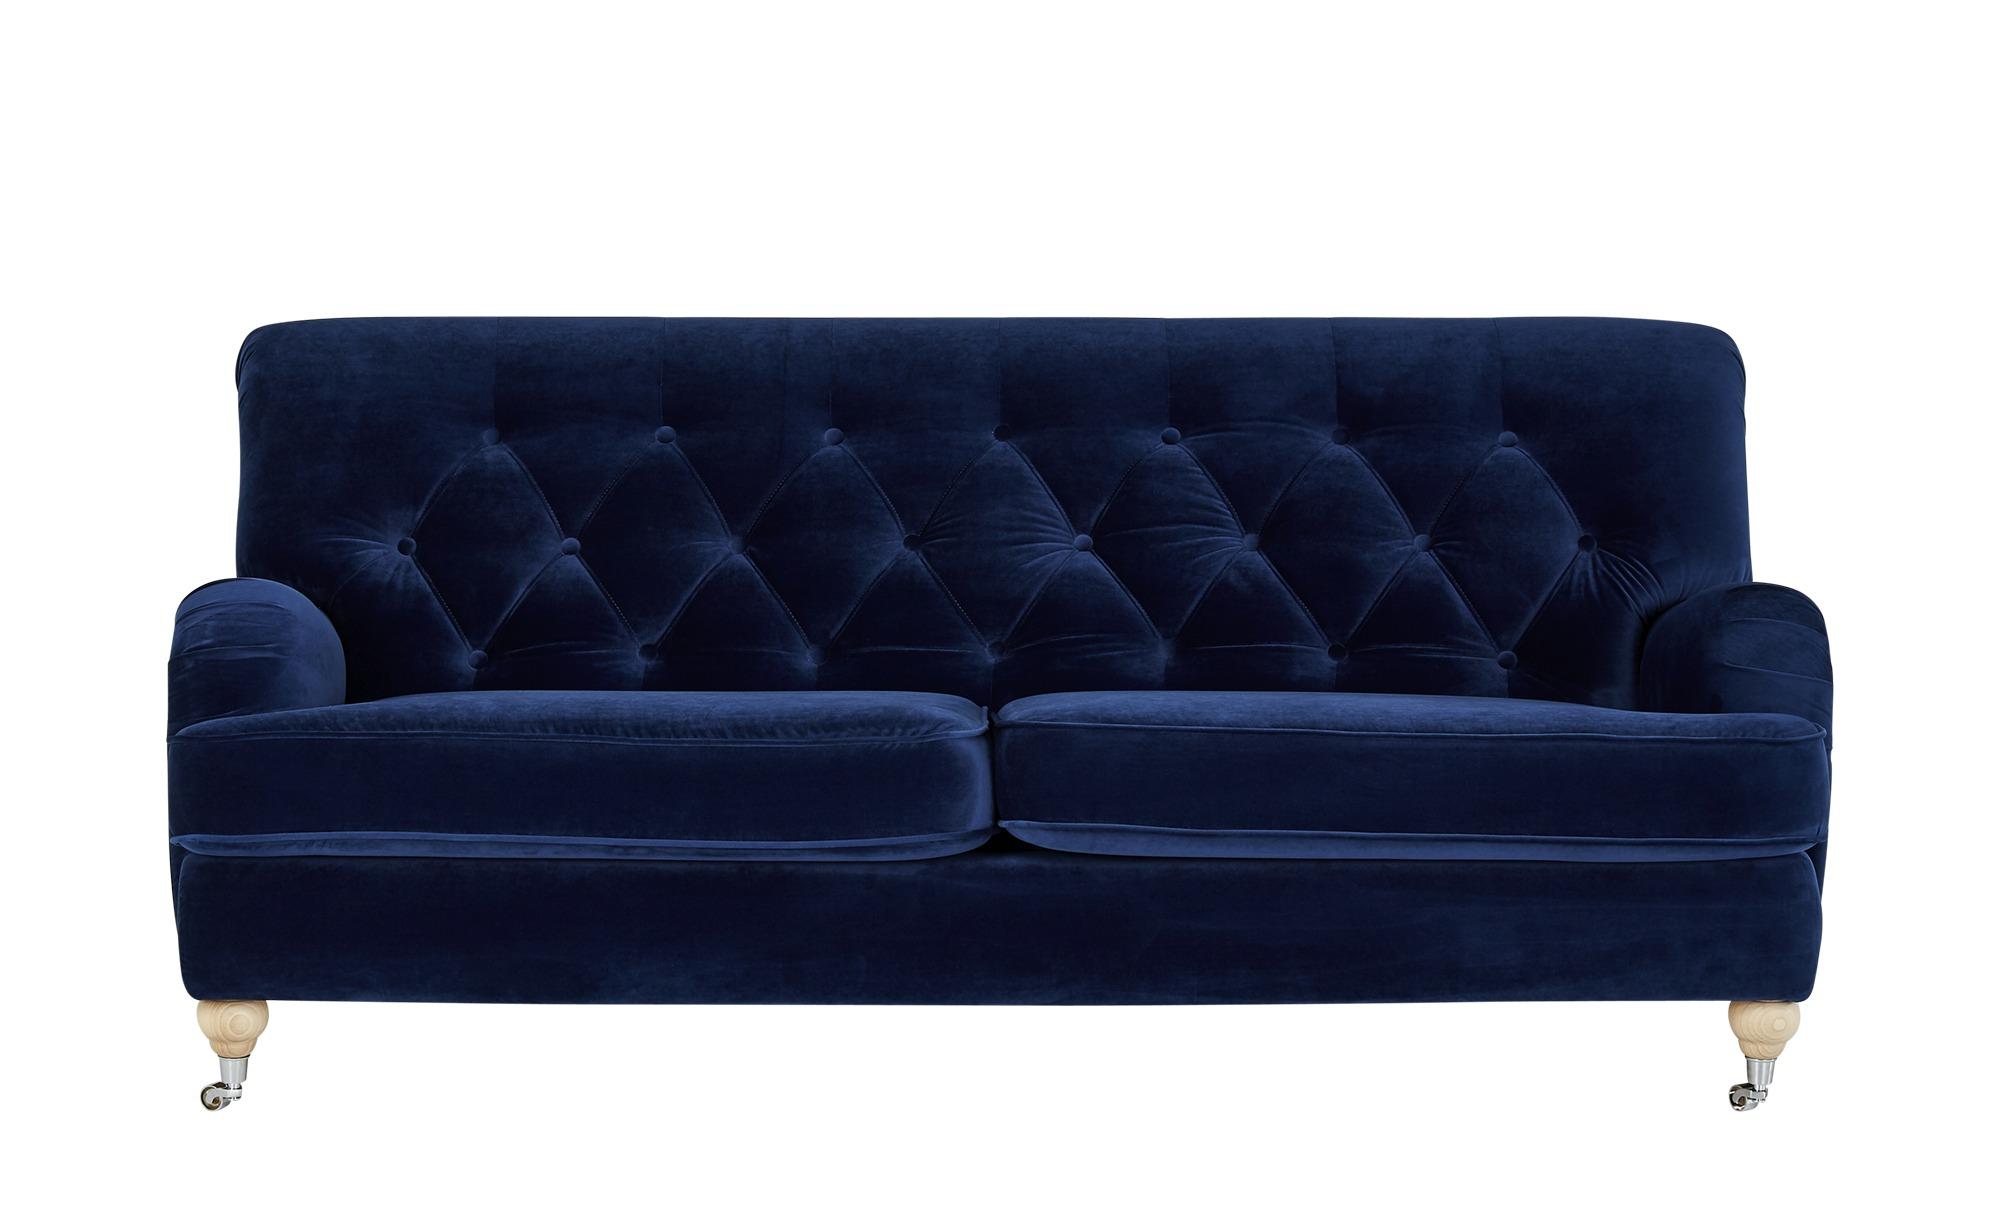 Full Size of Finya Sofa Samt Silva 3 Sitzer Schlaffunktion Günstiges Modulares Big Mit Home Affaire Luxus U Form überzug Angebote Barock L Kaufen Rolf Benz Ikea Sofa Sofa Blau